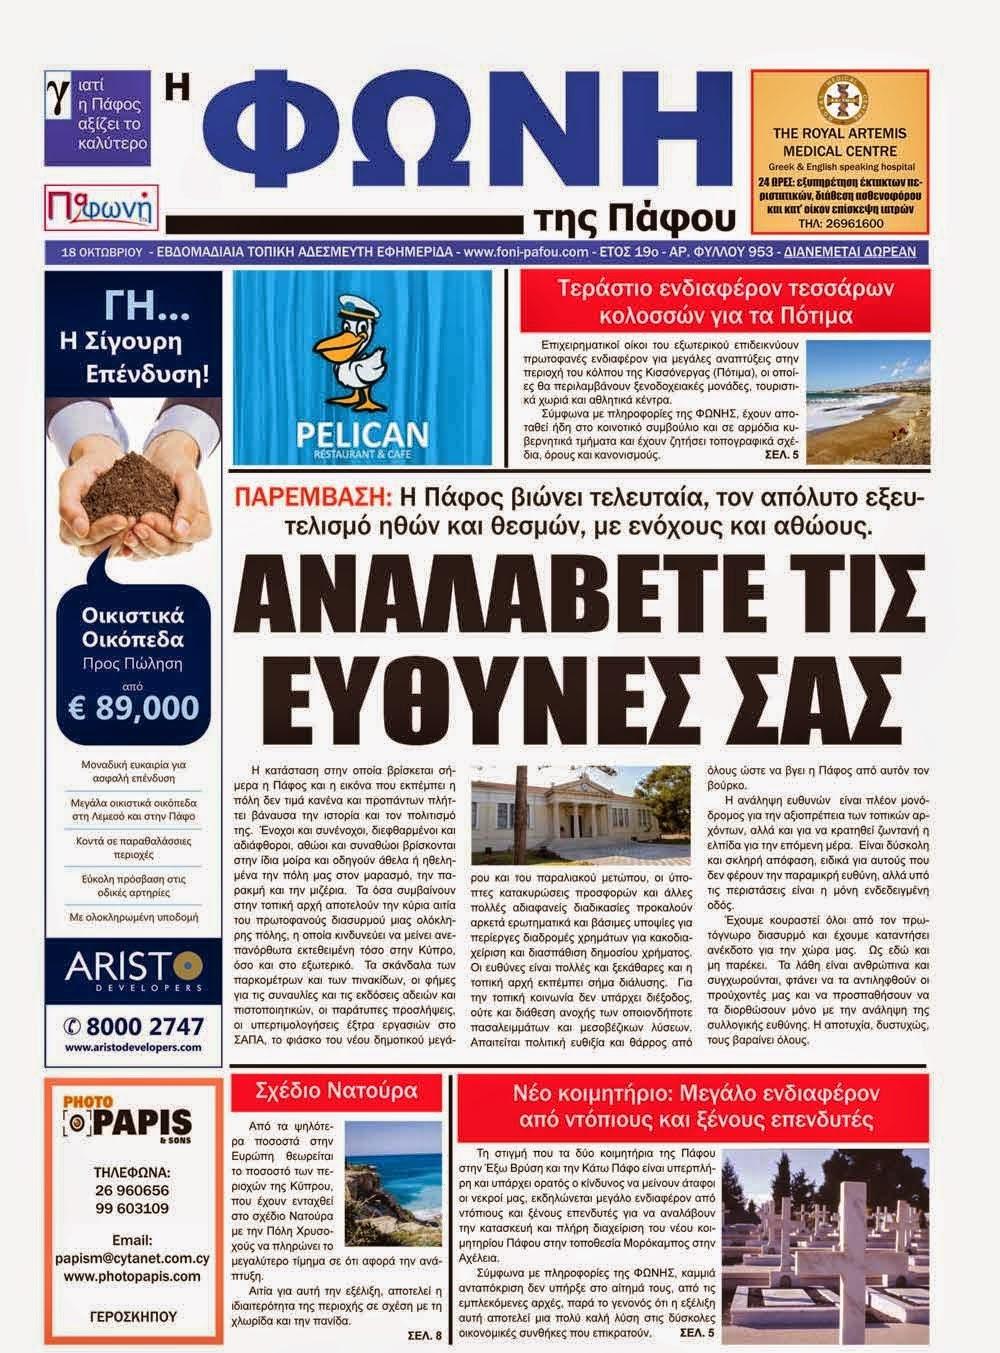 ΕΚΔΟΣΗ 953 - ΗΜΕΡ. 18/10/14